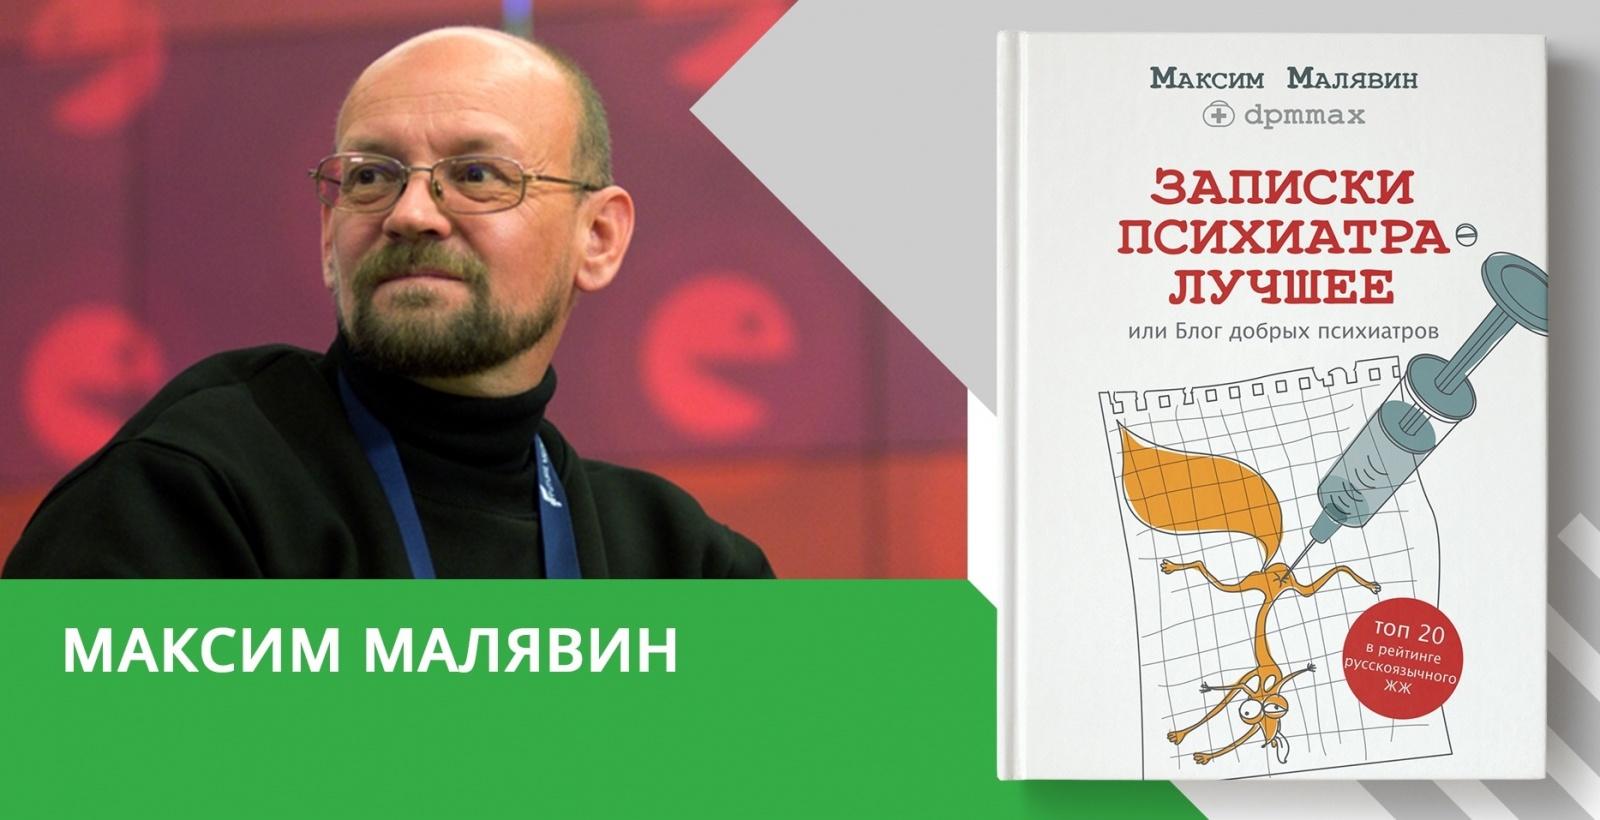 23 ответа о депрессии от профессионального психиатра Максима Малявина (dpmmax) - 1